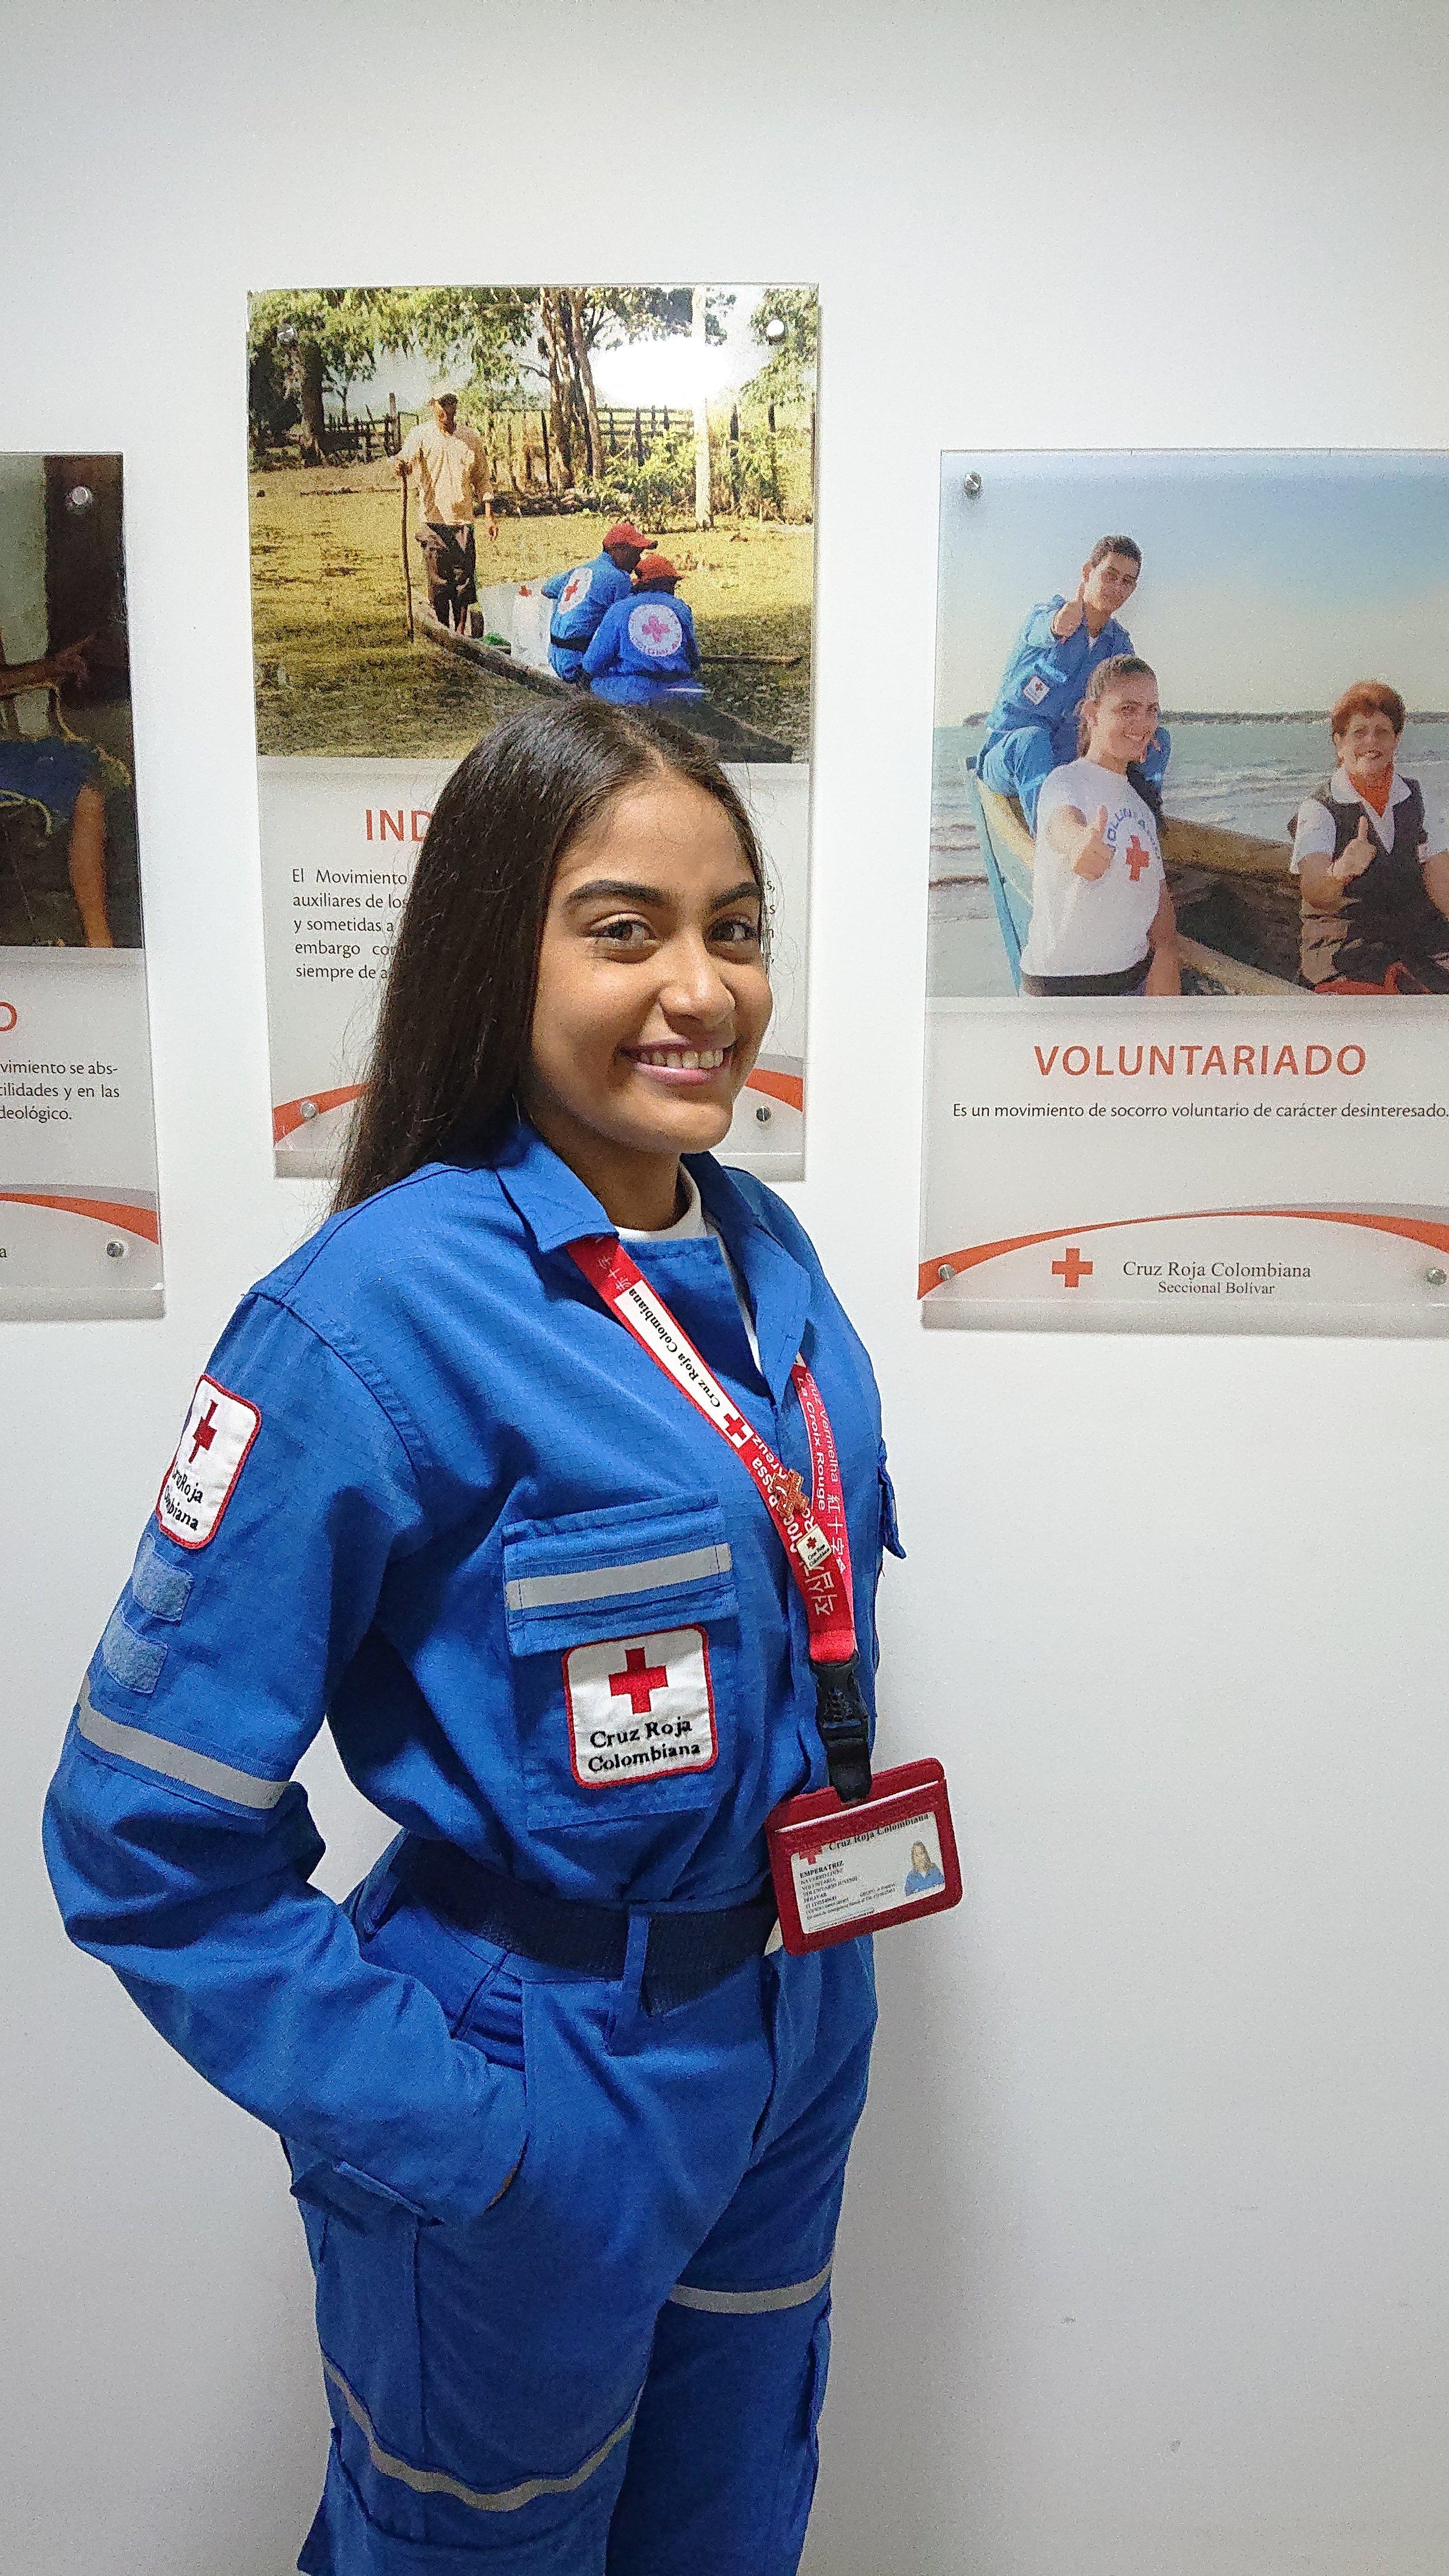 - Ensure the human welfare in the communityYouth Volunteer Emperatriz Navarro LopezVelar por el bienestar humano en la comunidadVoluntaria en Cruz Roja Juventud Emperatriz Navarro Lopez